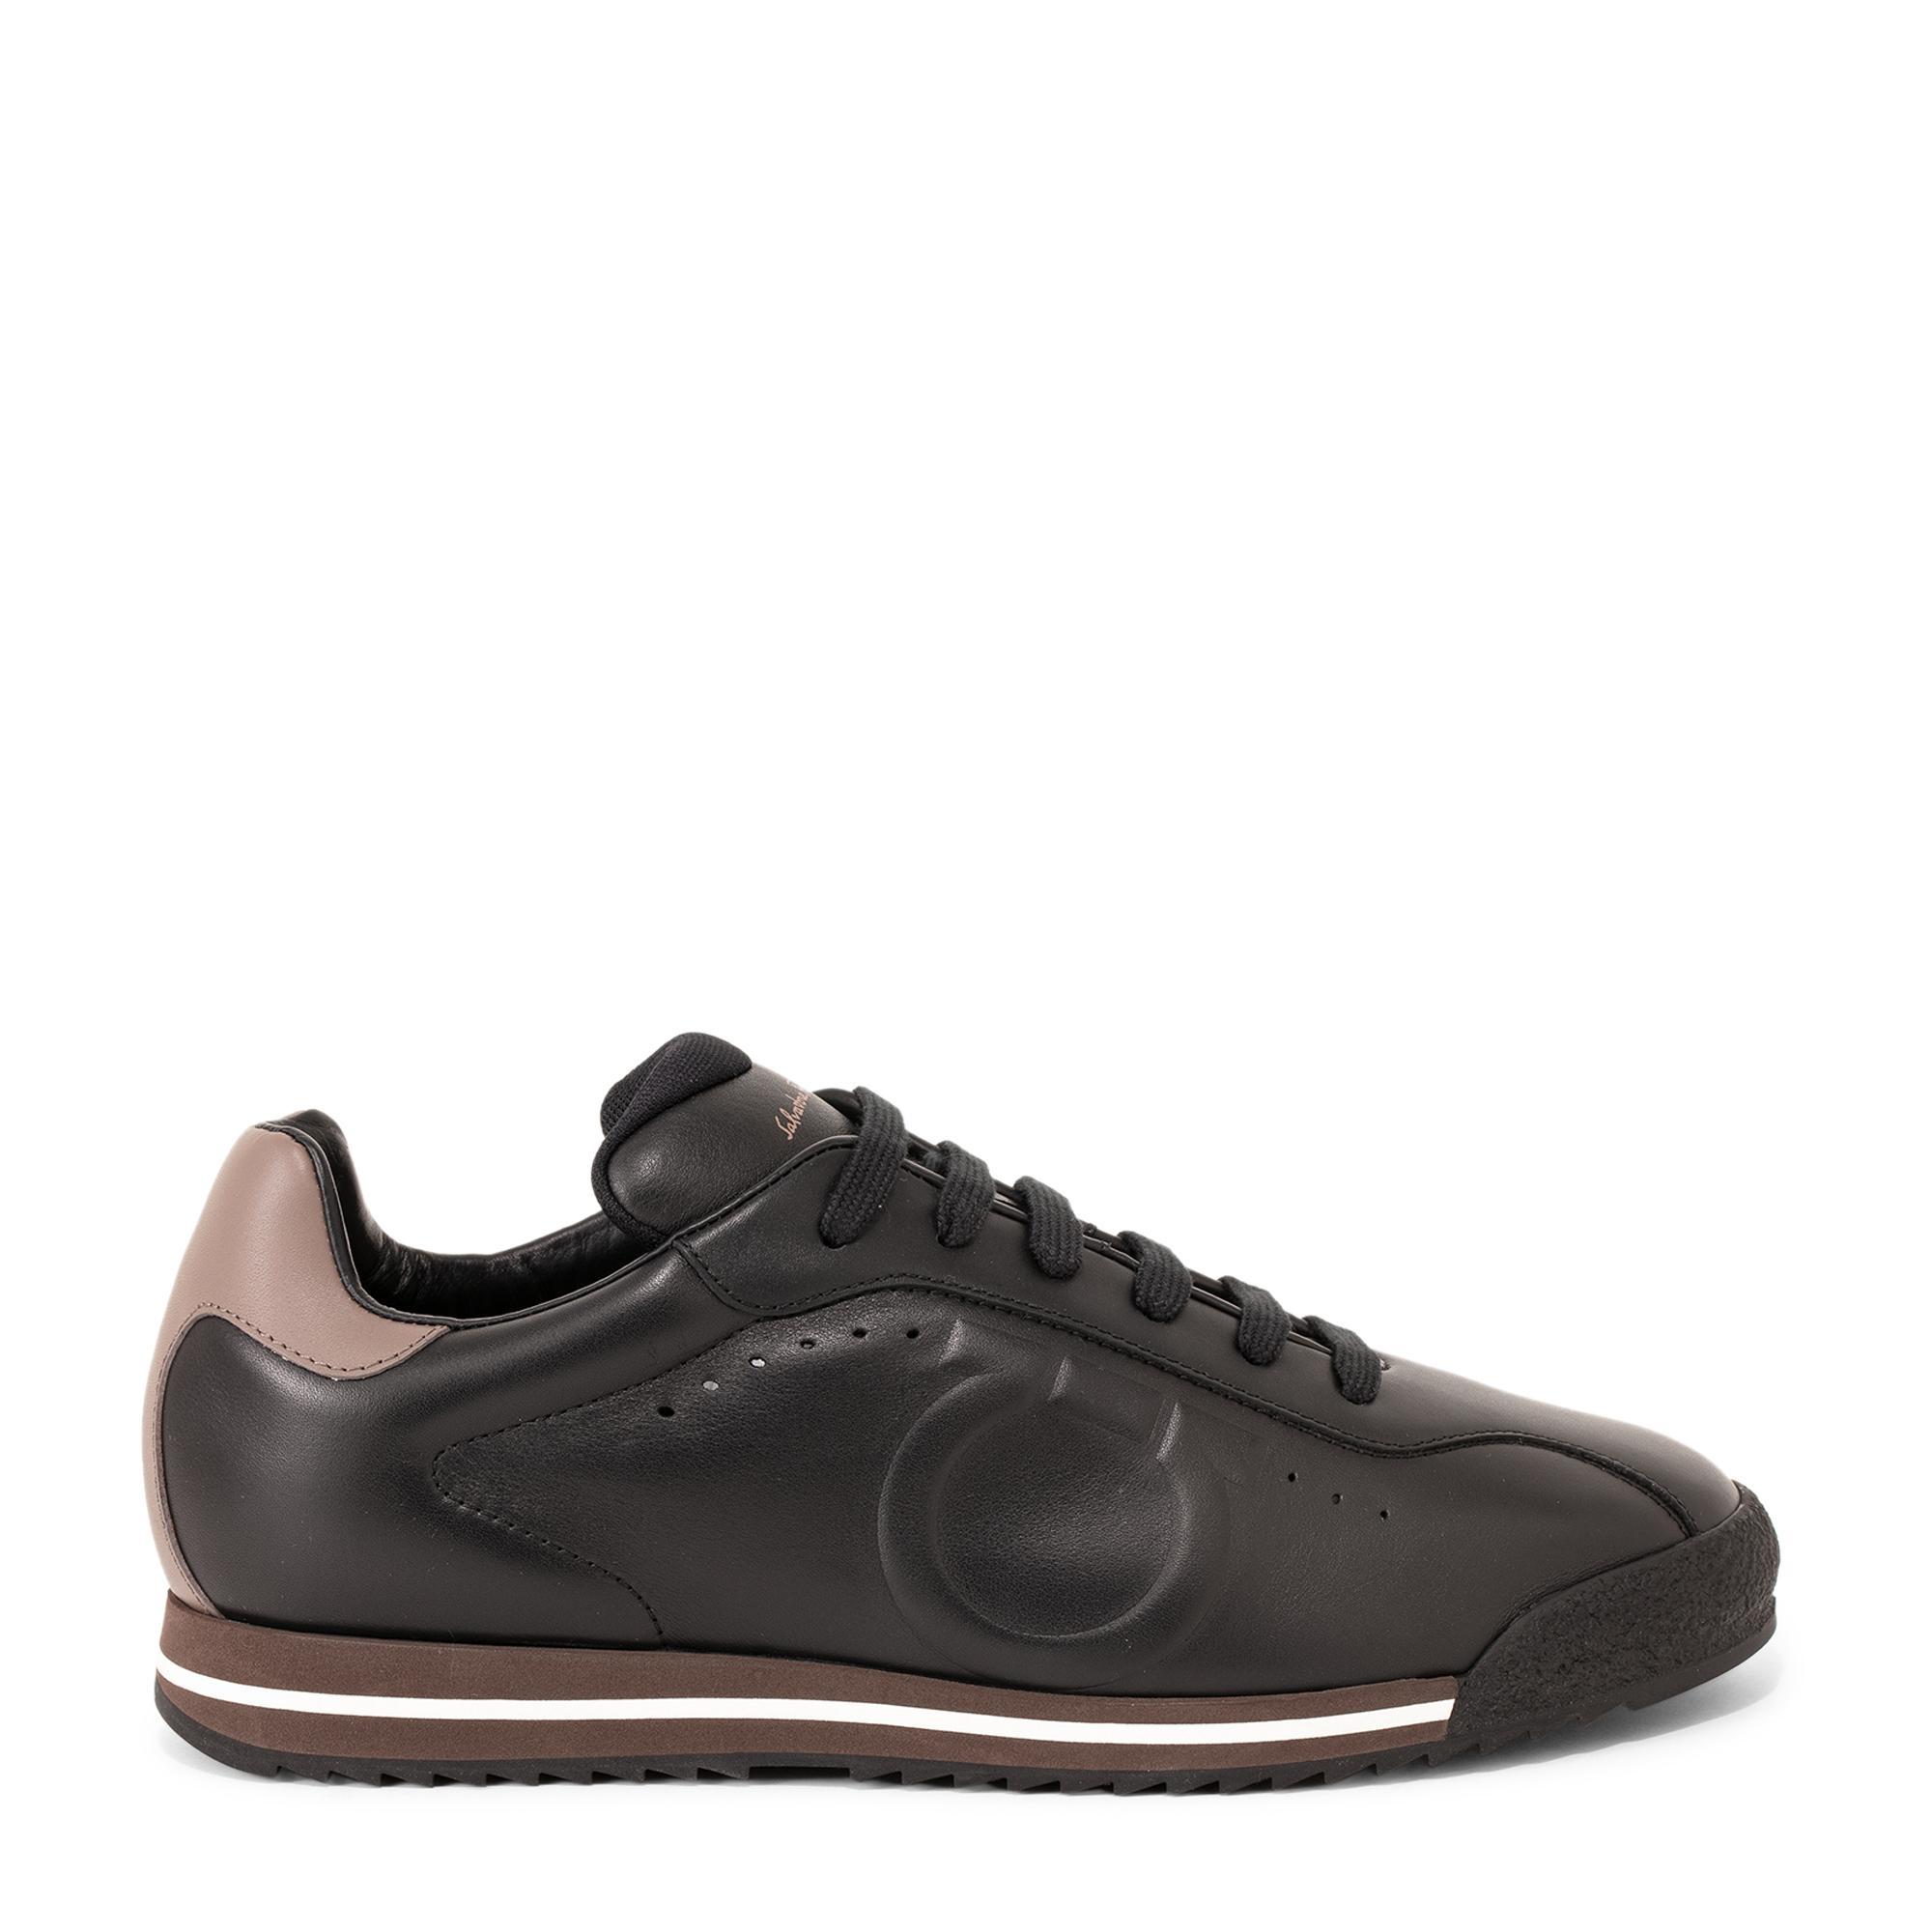 Pring 2 Gancini sneakers